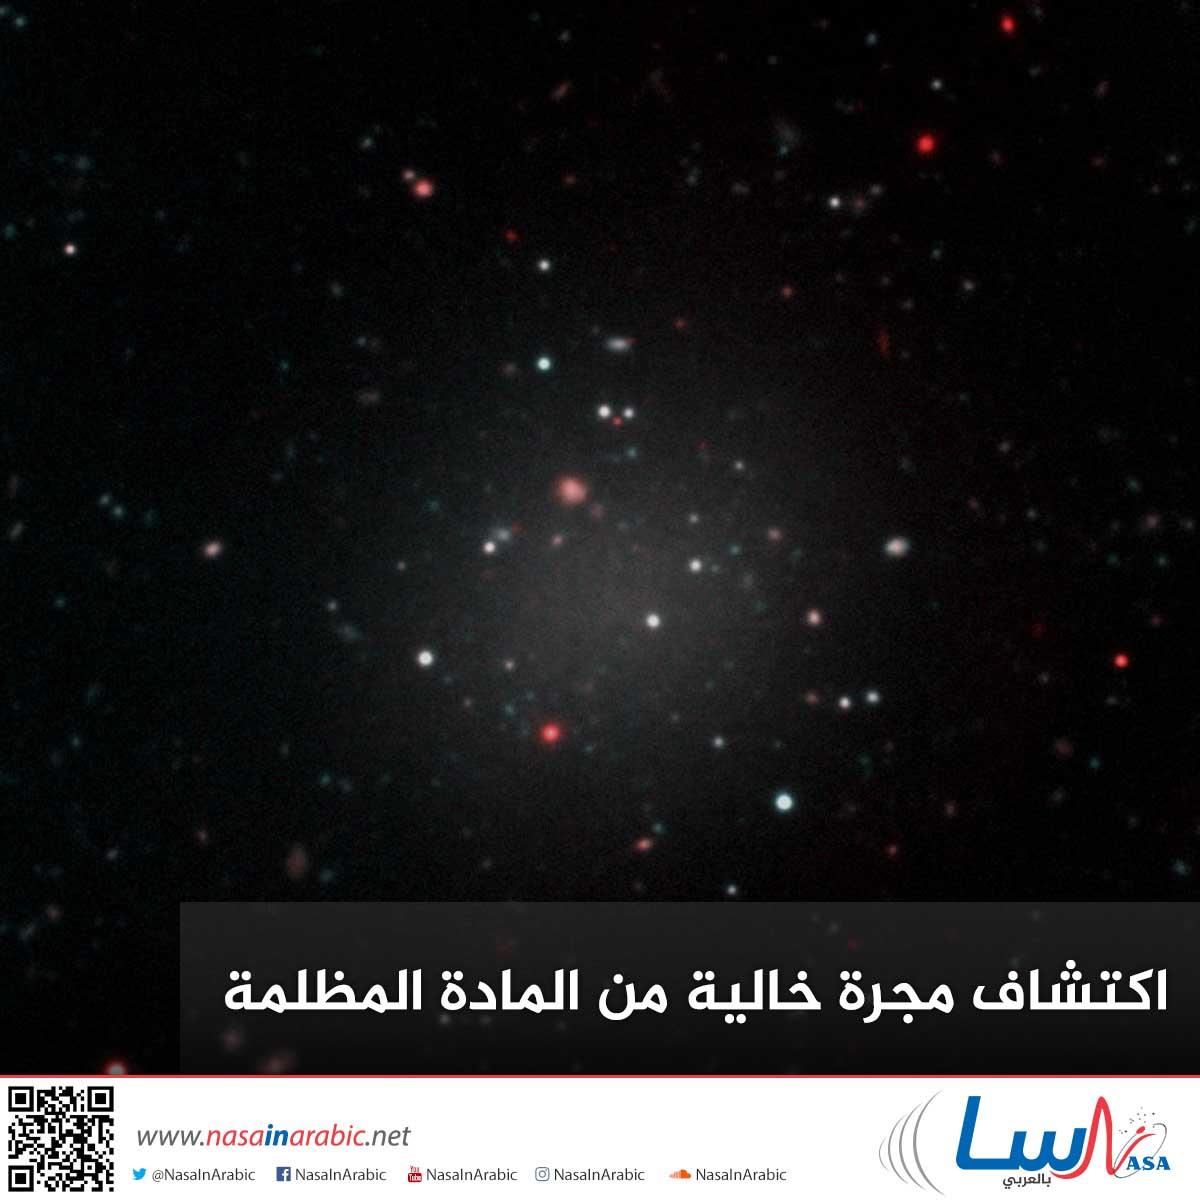 اكتشاف مجرة خالية من المادة المظلمة